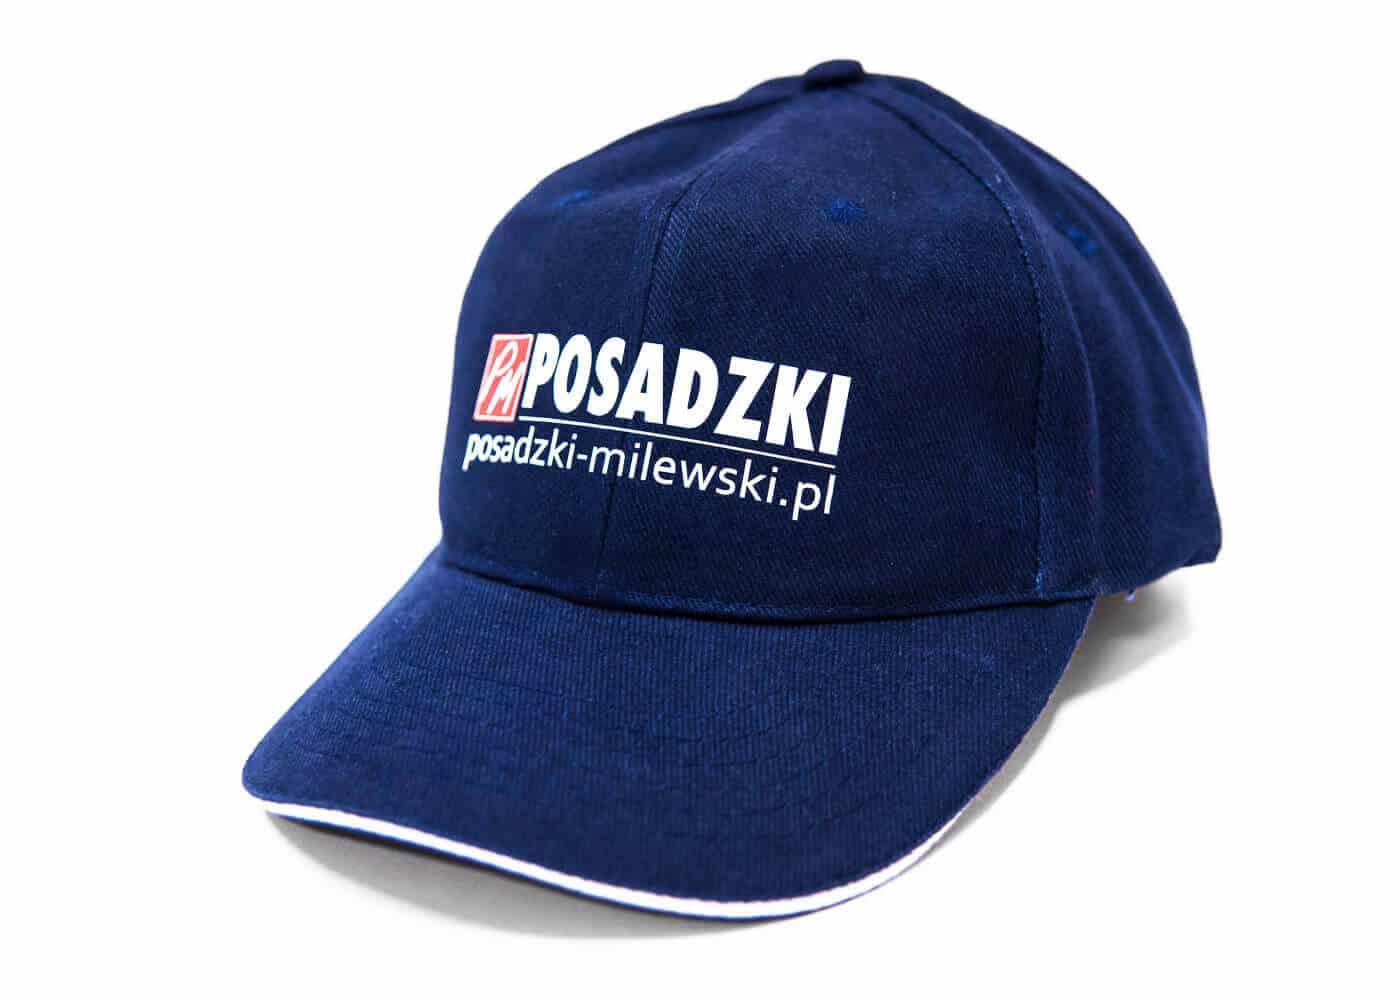 czapka z nadrukiem posadzki-milewski.pl